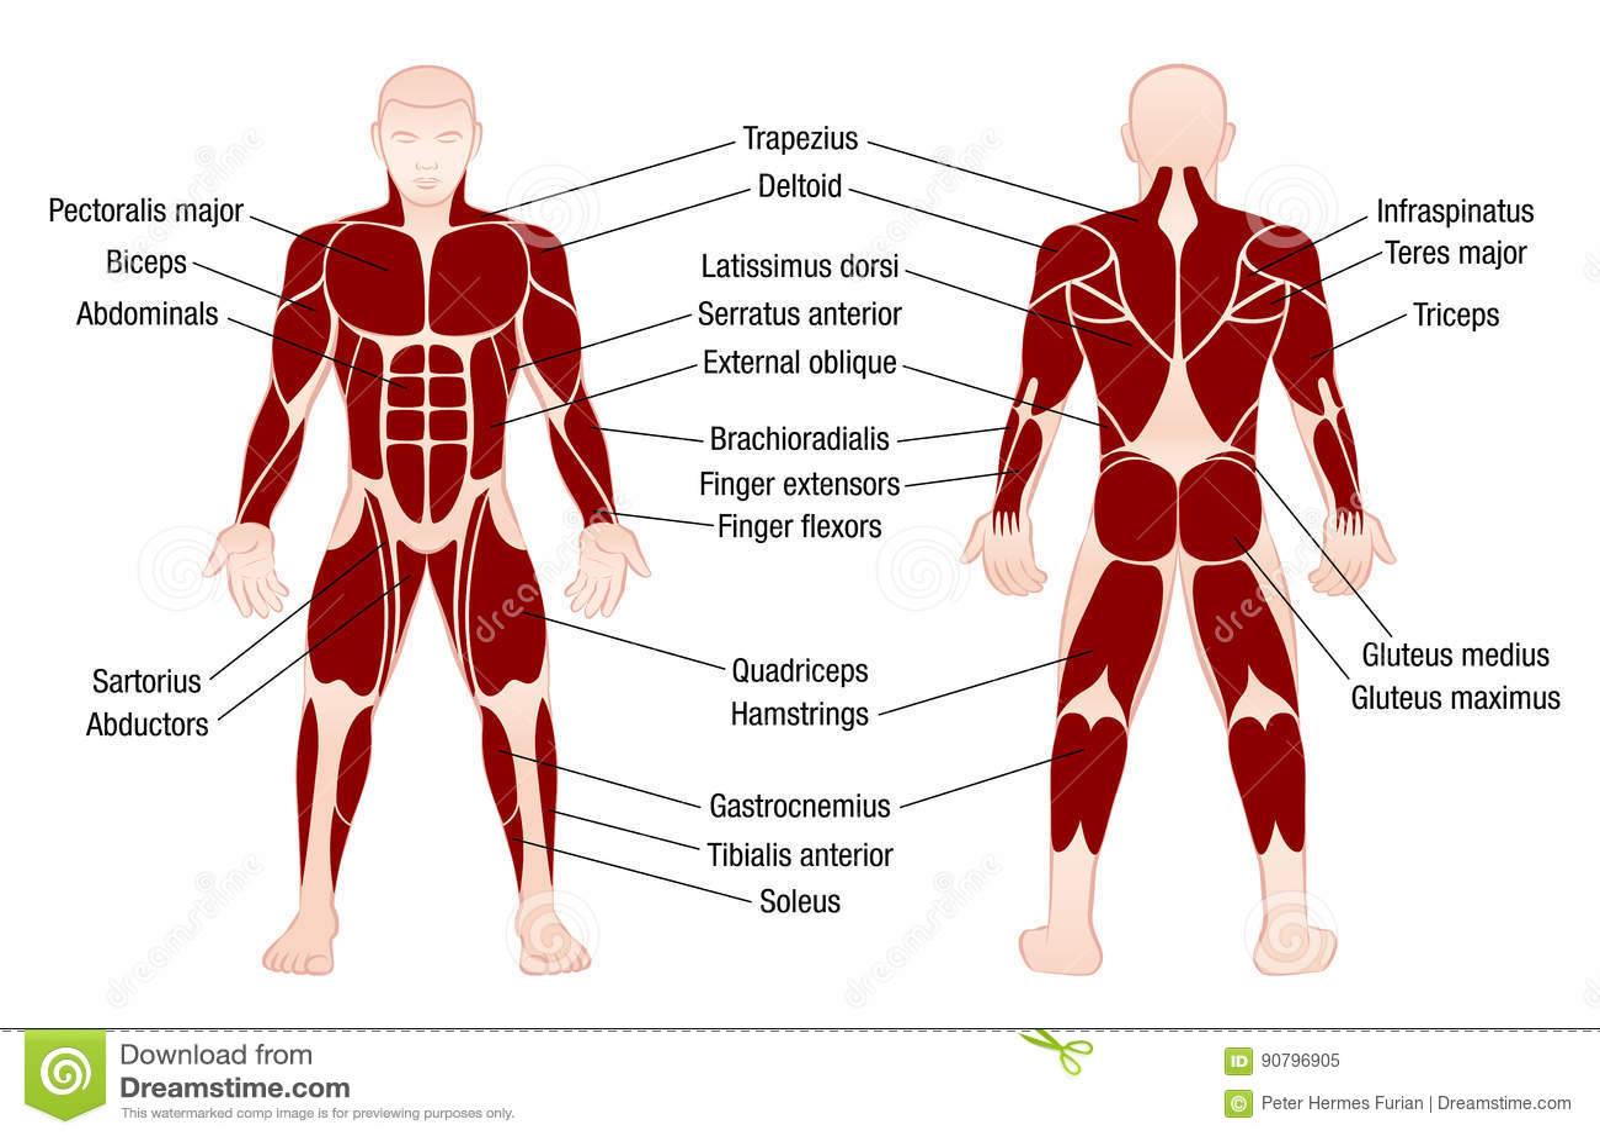 Atractivo Cartas Musculares Anatomía Ilustración - Imágenes de ...